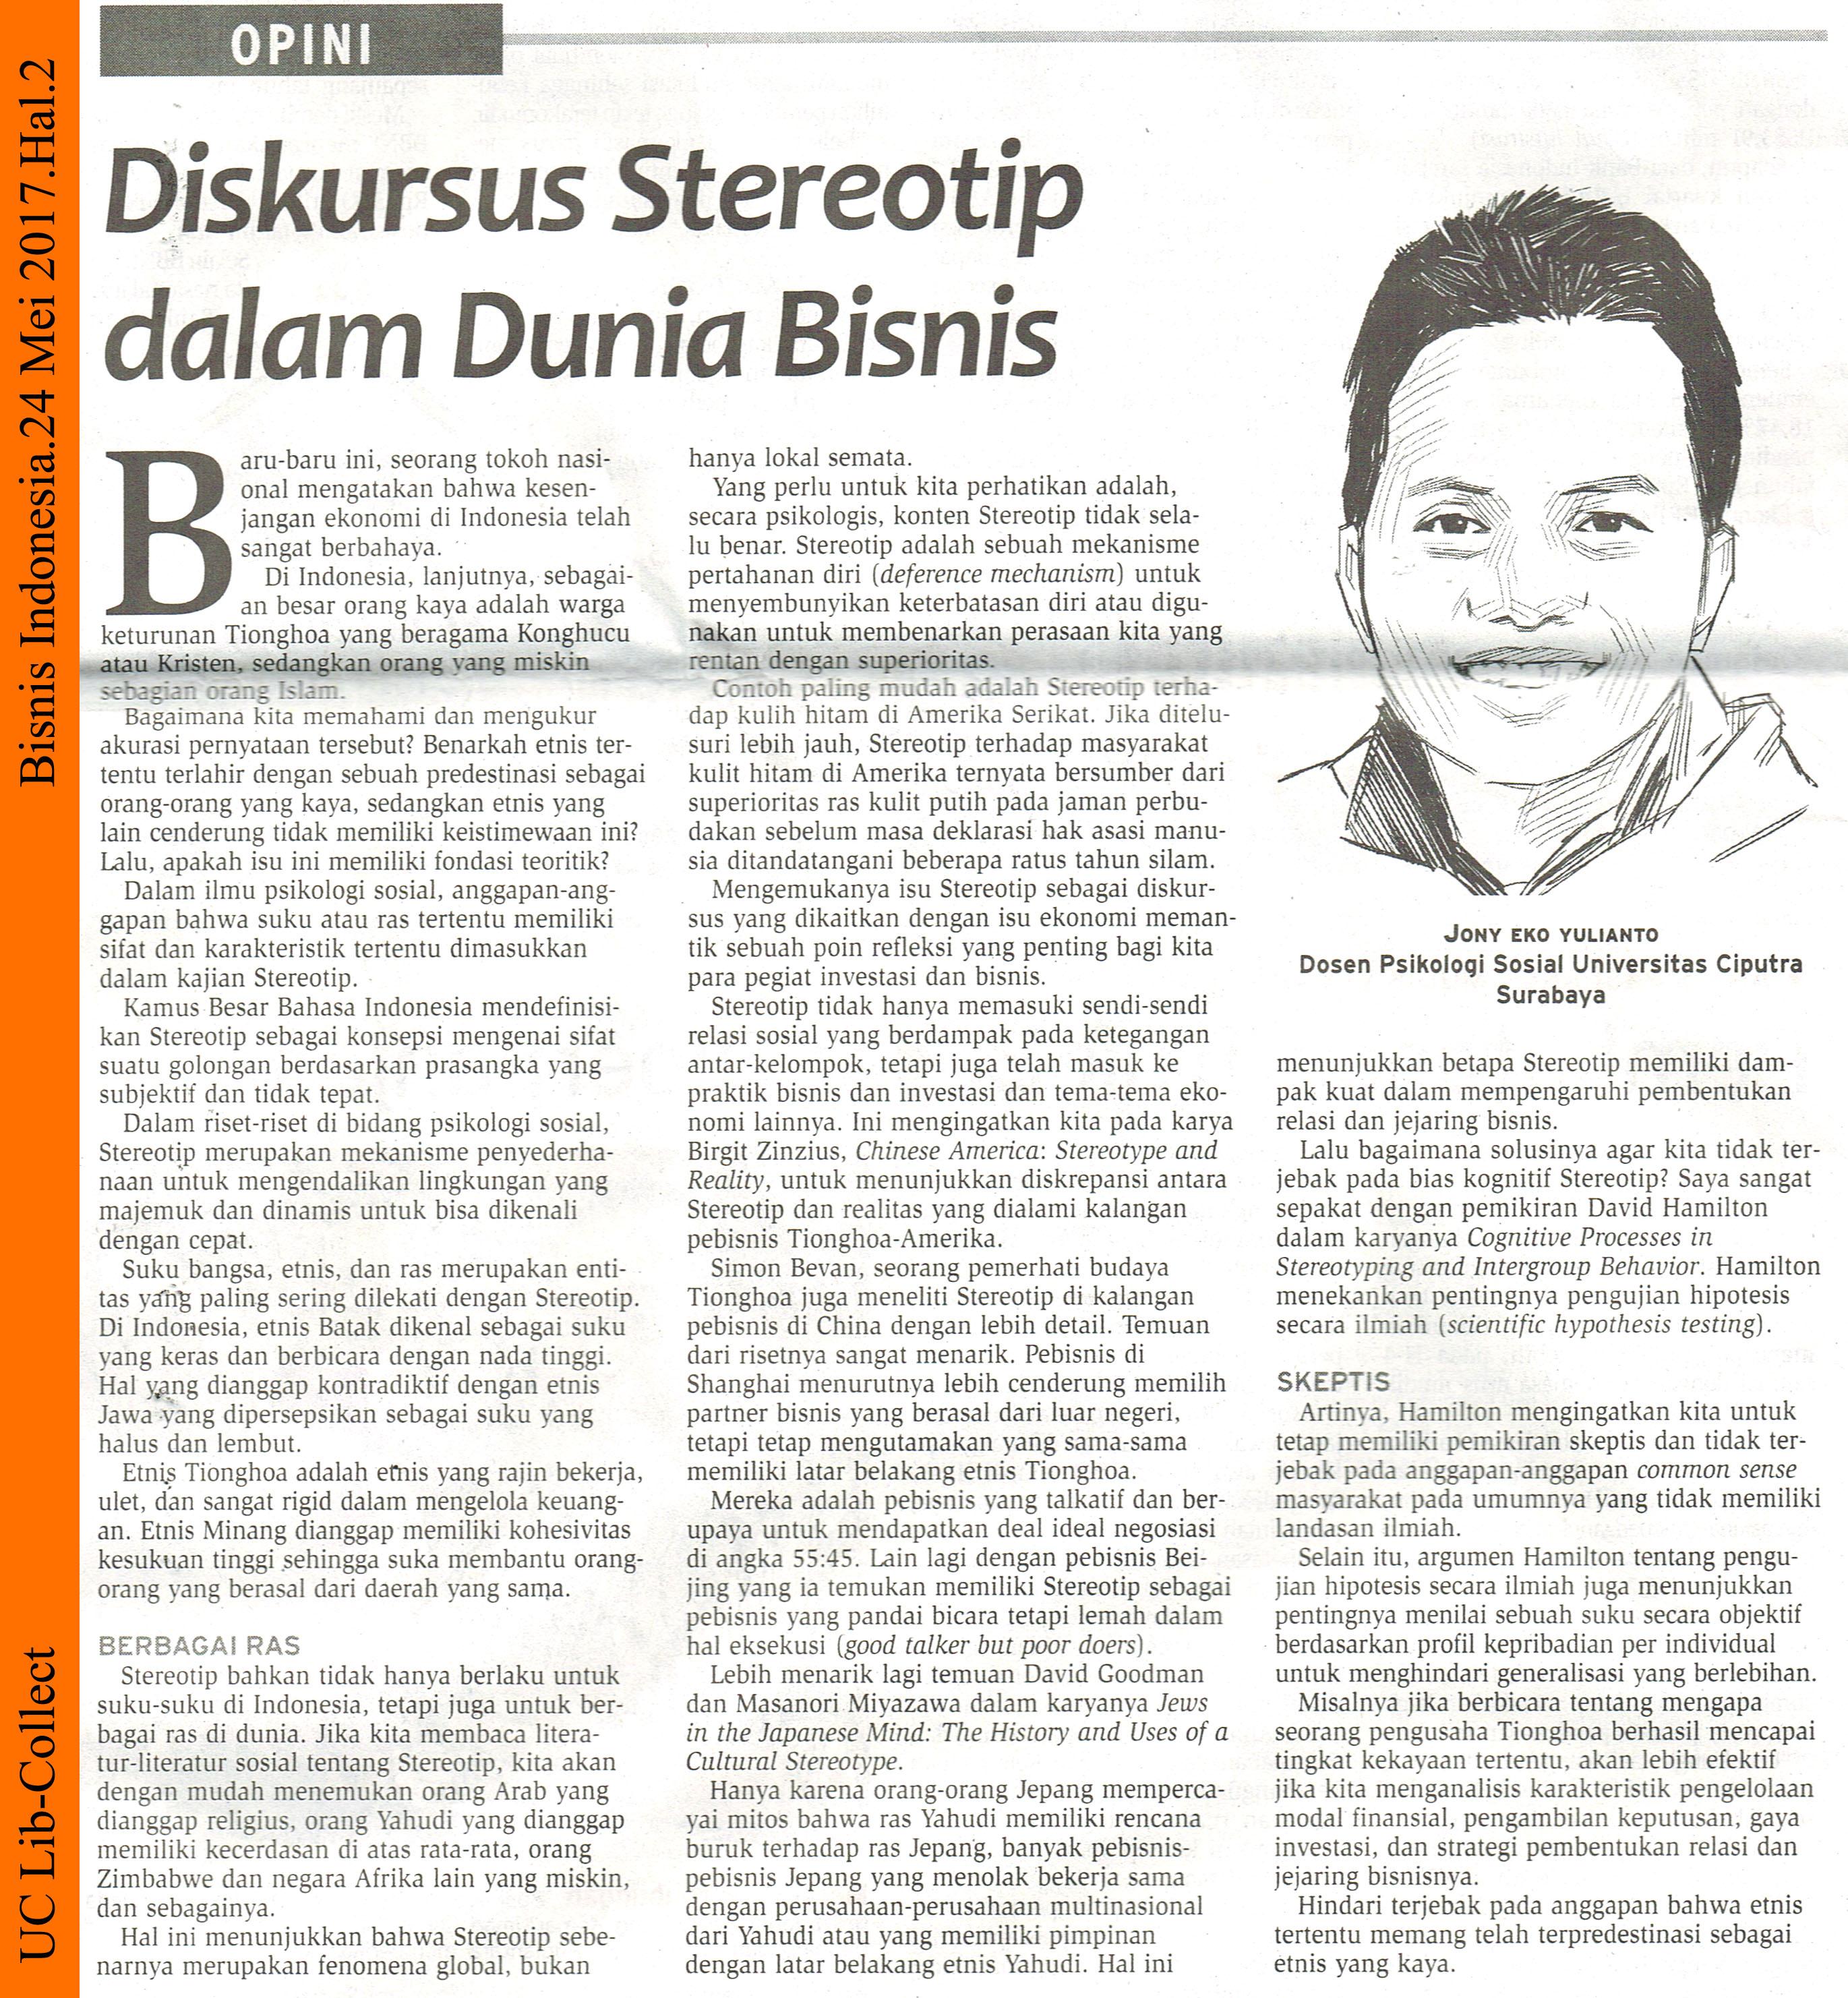 Jony Eko Y@PSY_Diskursus Stereotip dalam Dunia Bisnis. Bisnis Indonesia. 24 Mei 2017.Hal.2